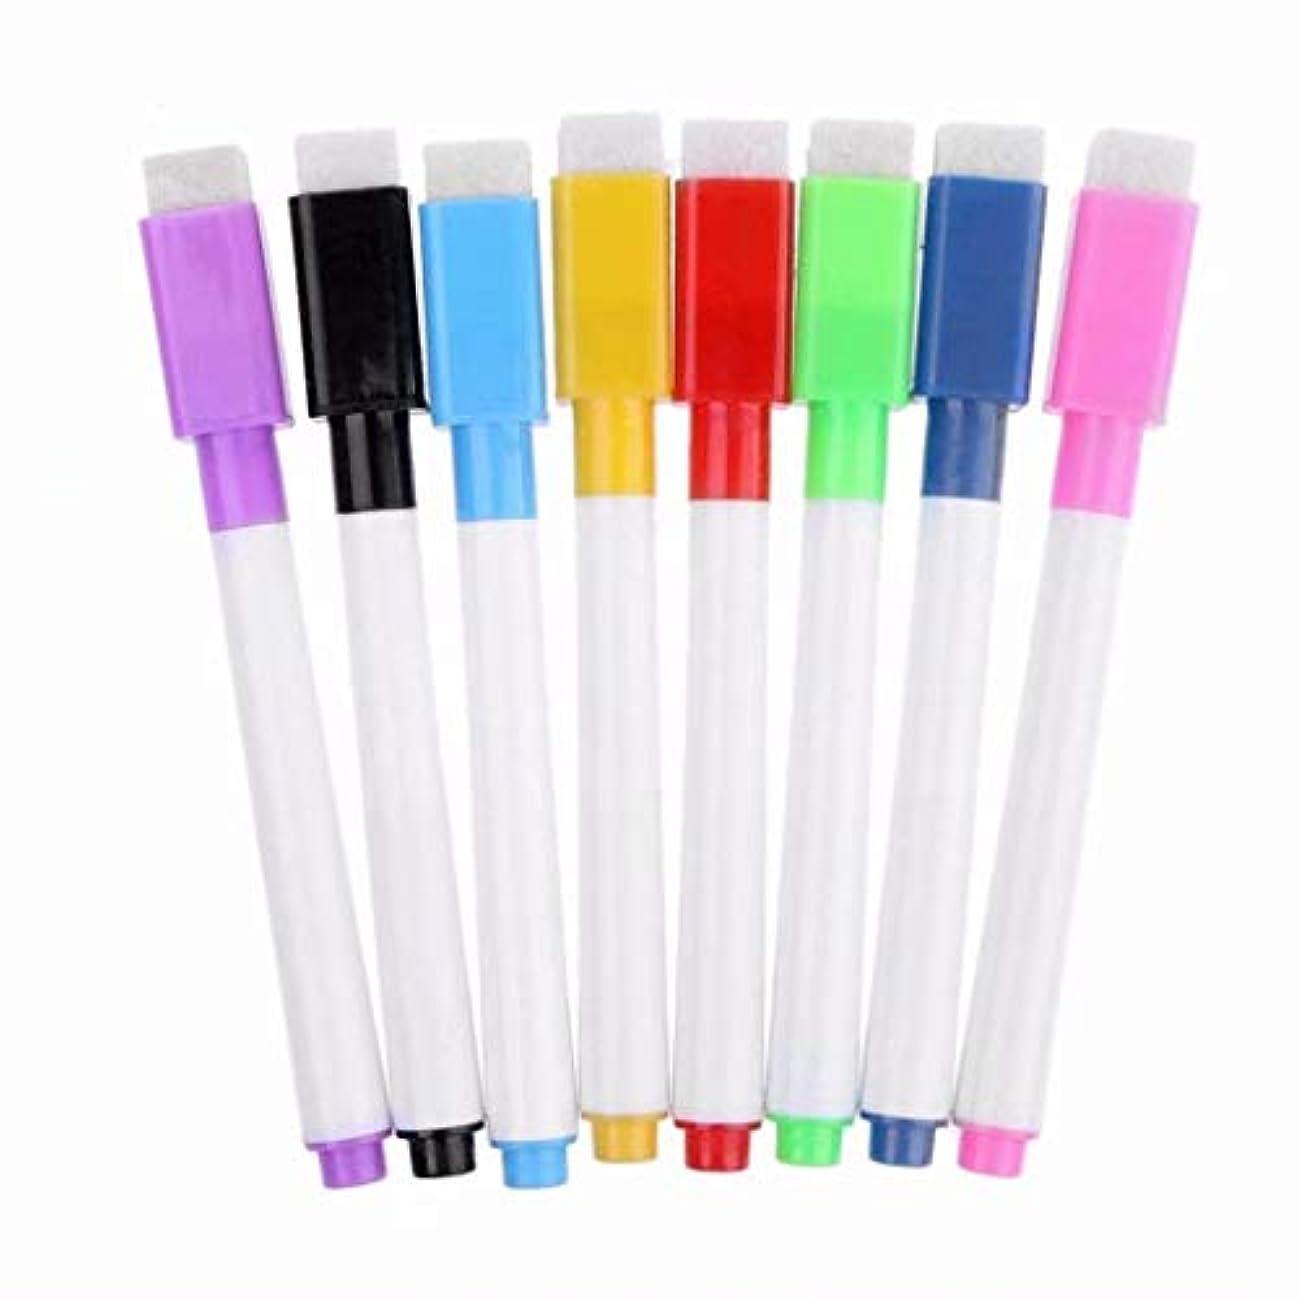 複製する長方形絶壁七里の香 磁気ホワイトボードペン消去可能なドライホワイトボードマーカーマグネットは、 イレーザー 学校教育事務用品 8個セット